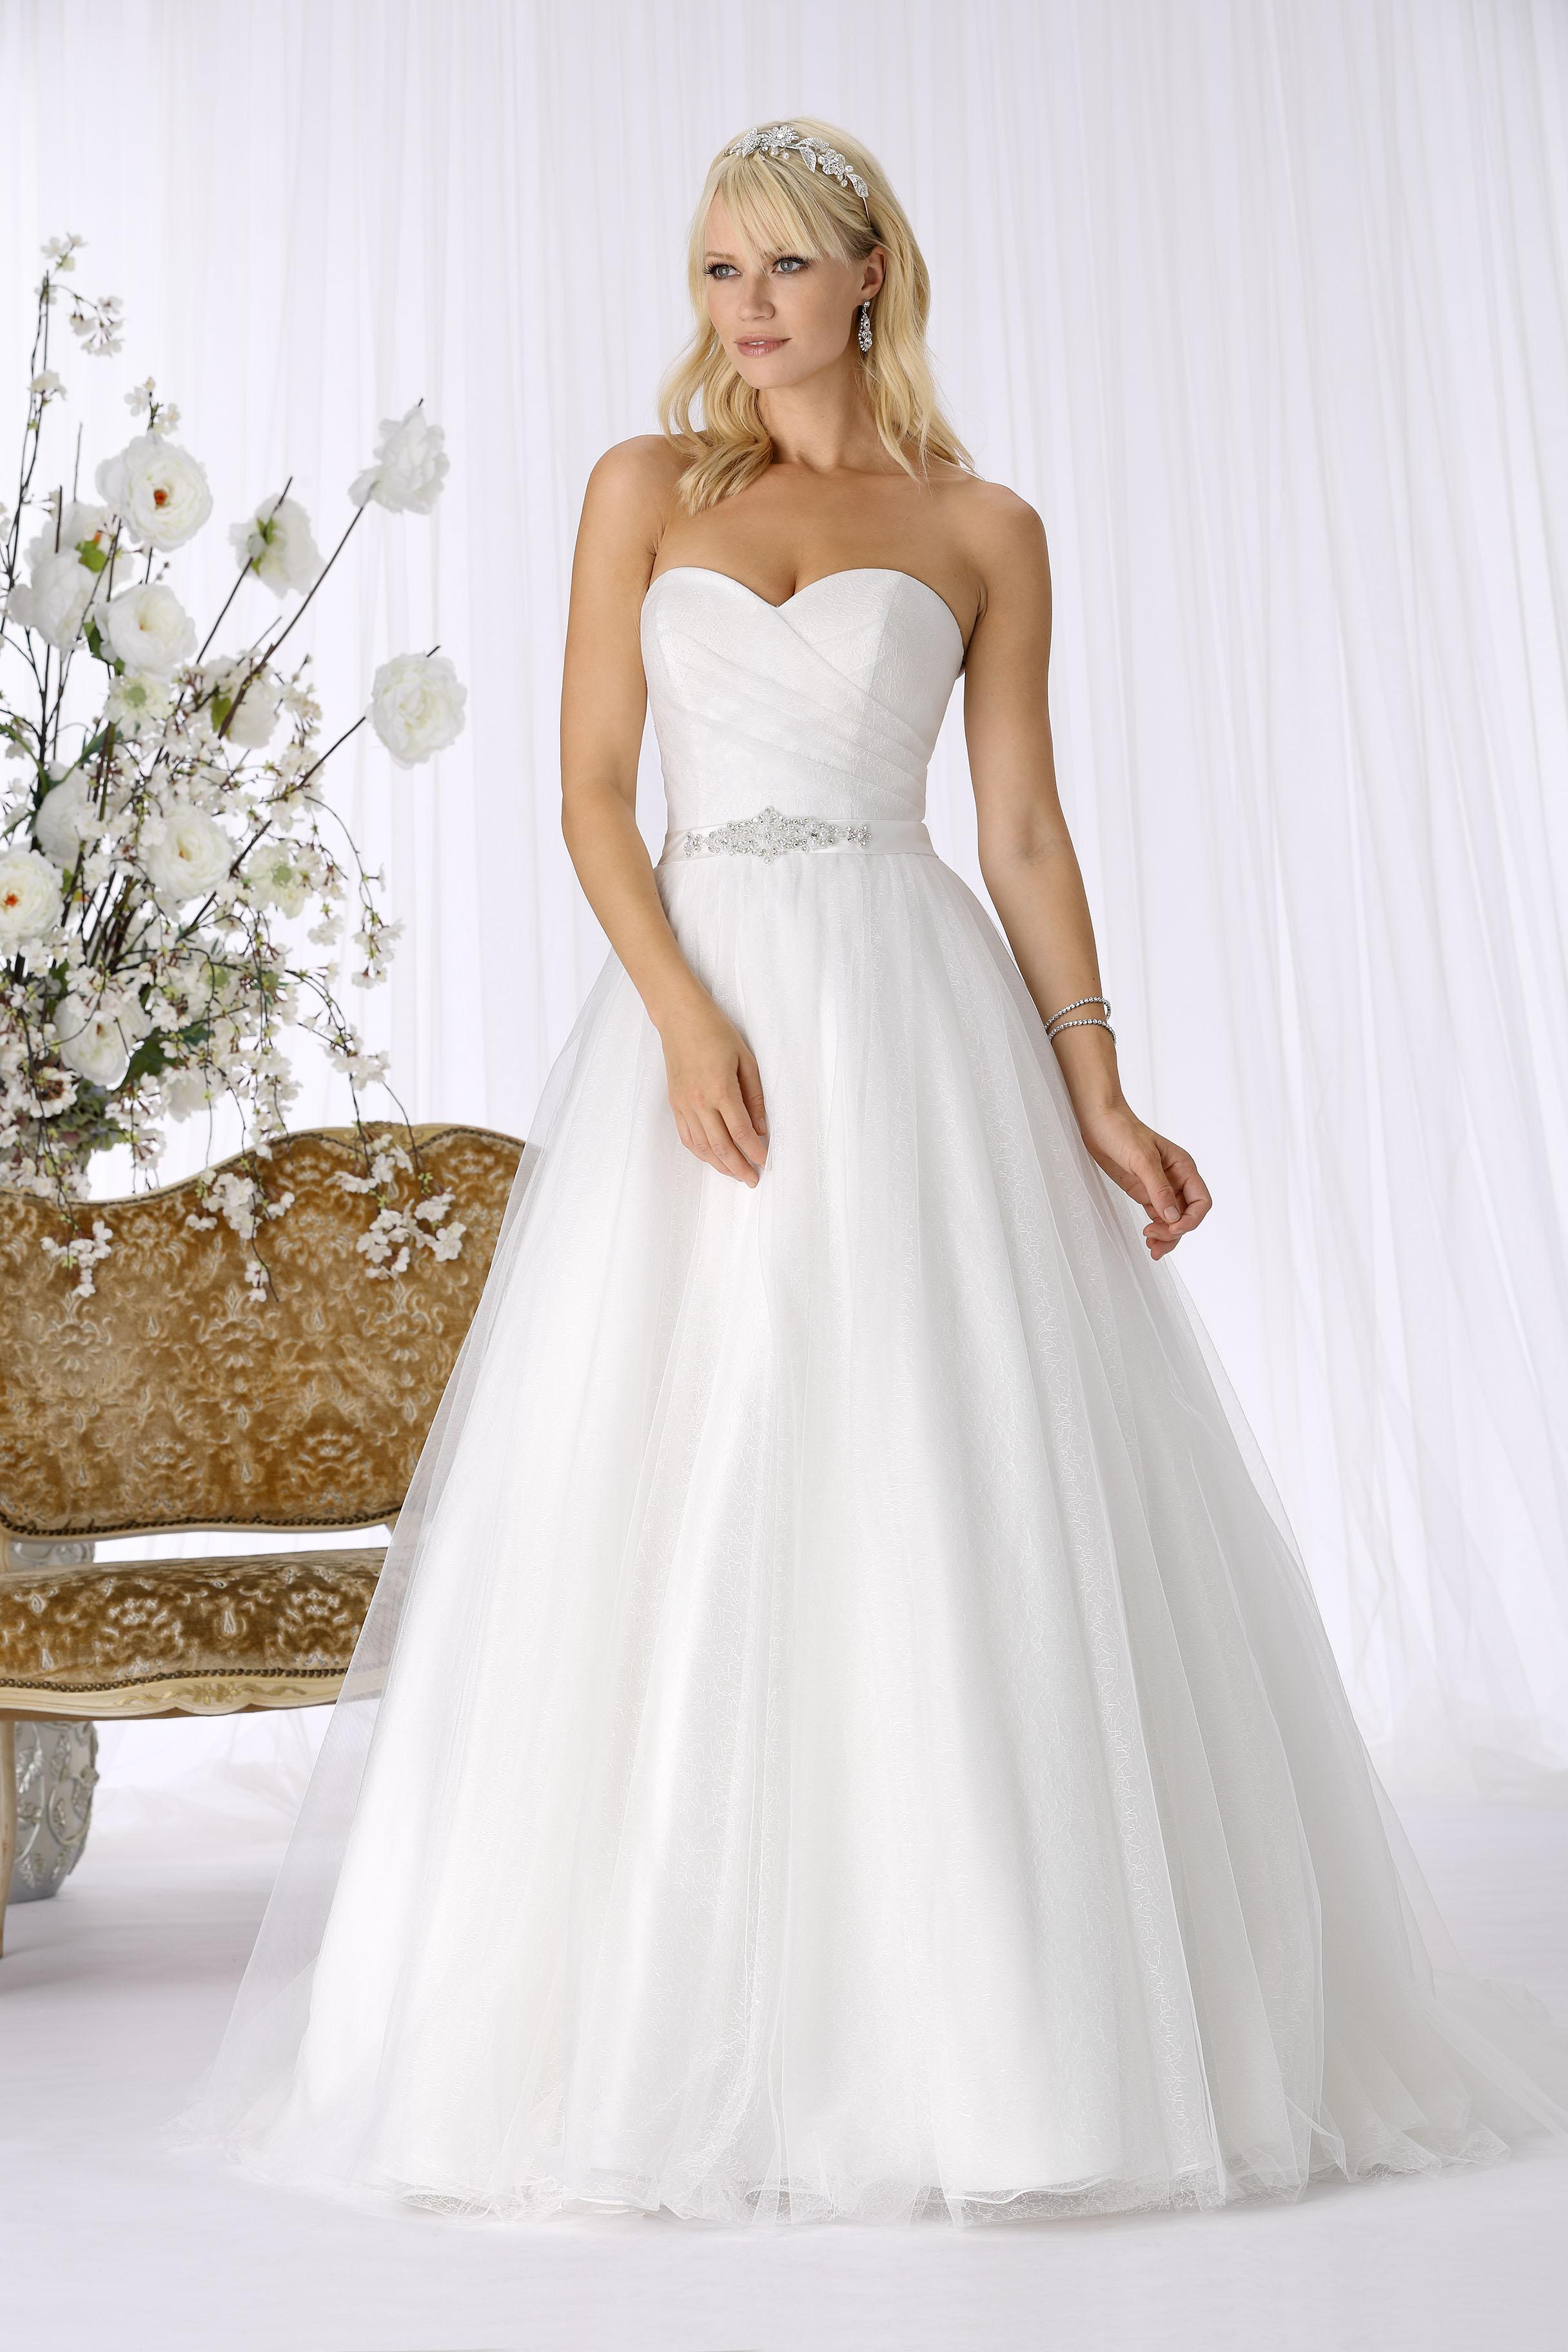 Das Tr¨s Chic Brautkleid 2018 Heiraten & Hochzeit